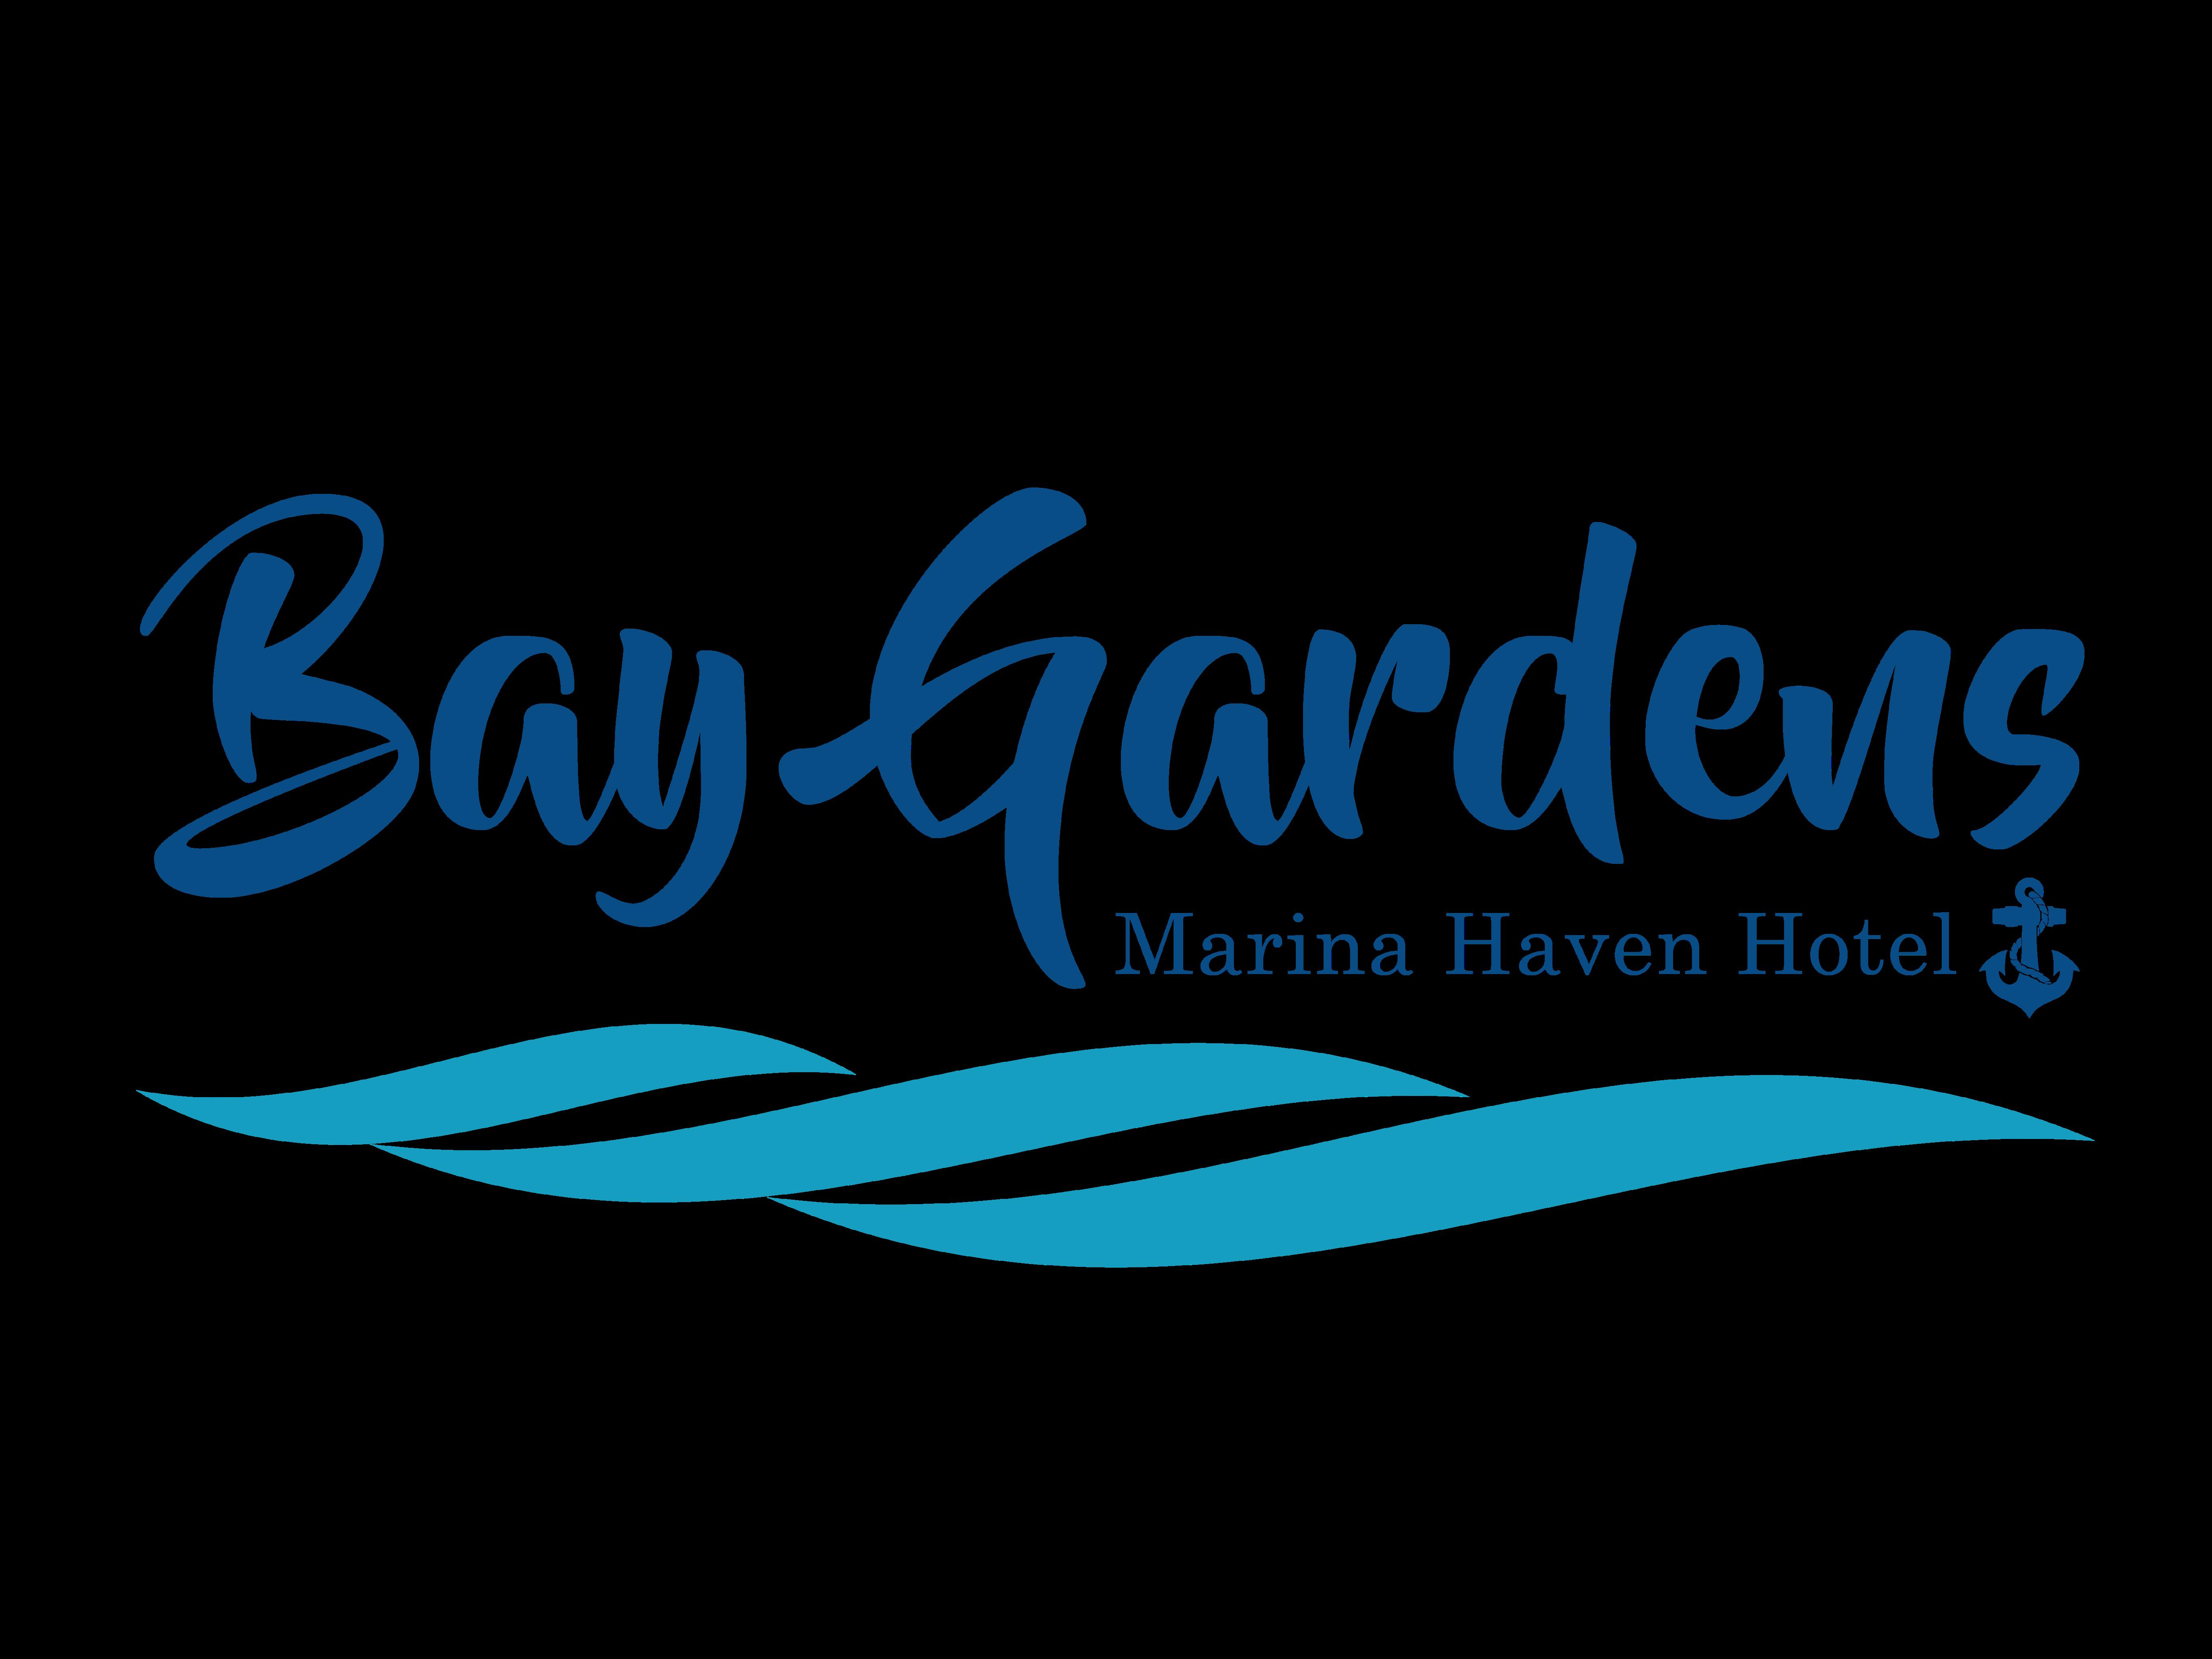 rodney bay marina hotel st lucia bay gardens marina haven